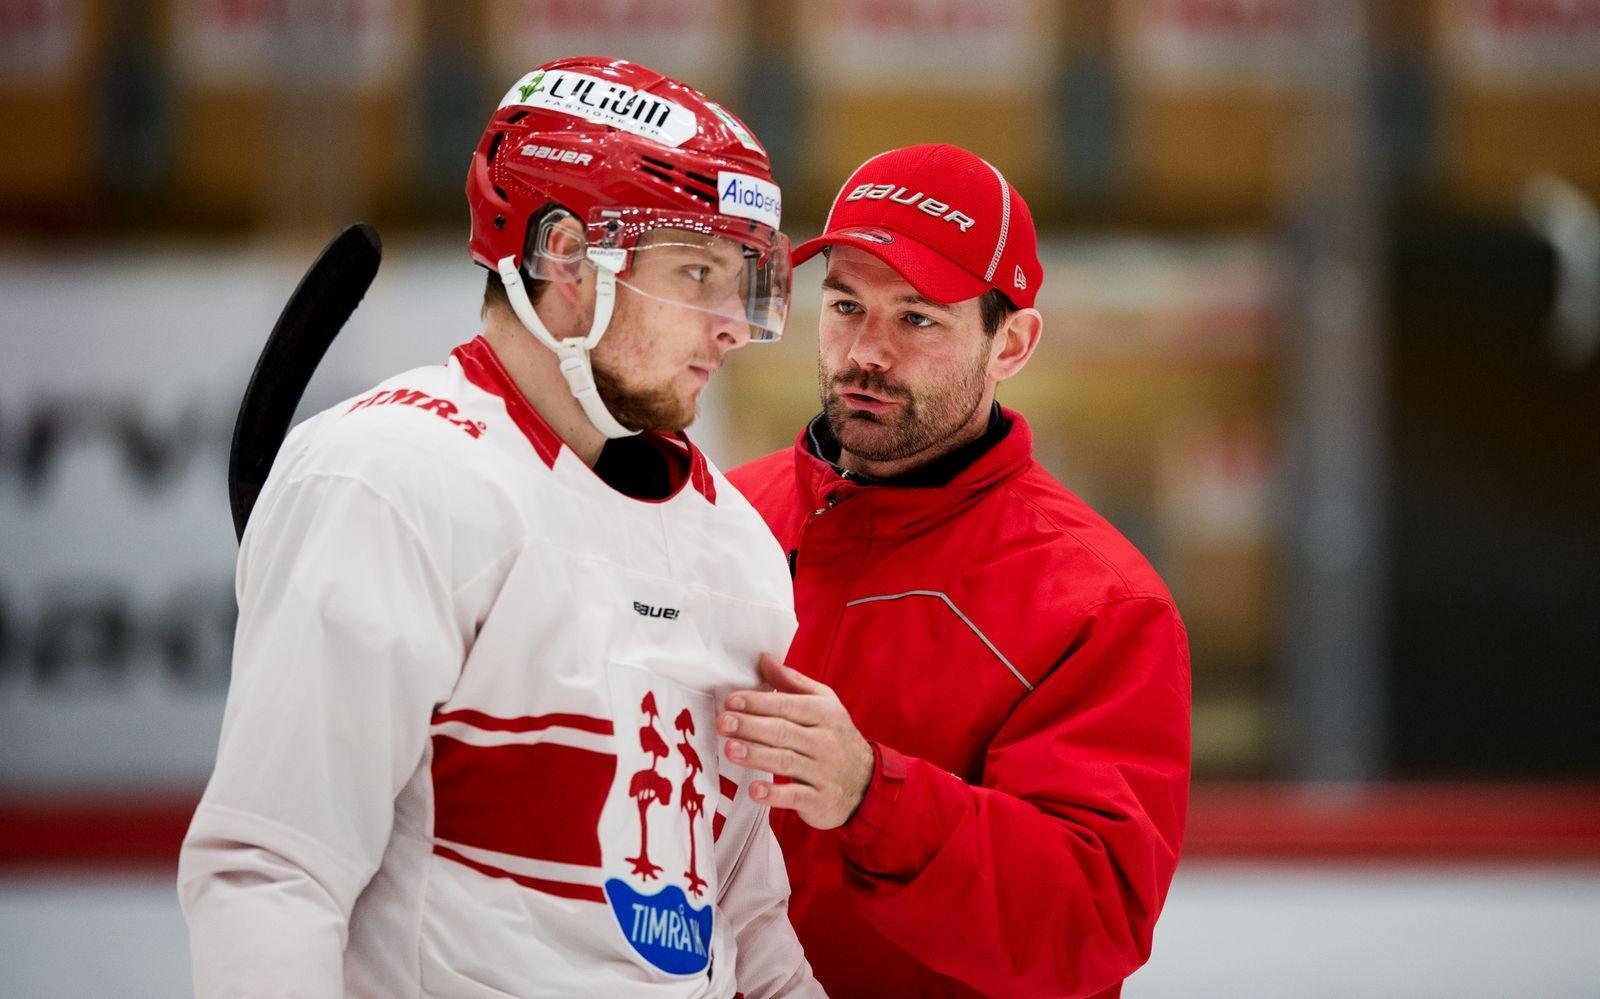 Tidigare Trojamålvakten klar för KHL-klubb